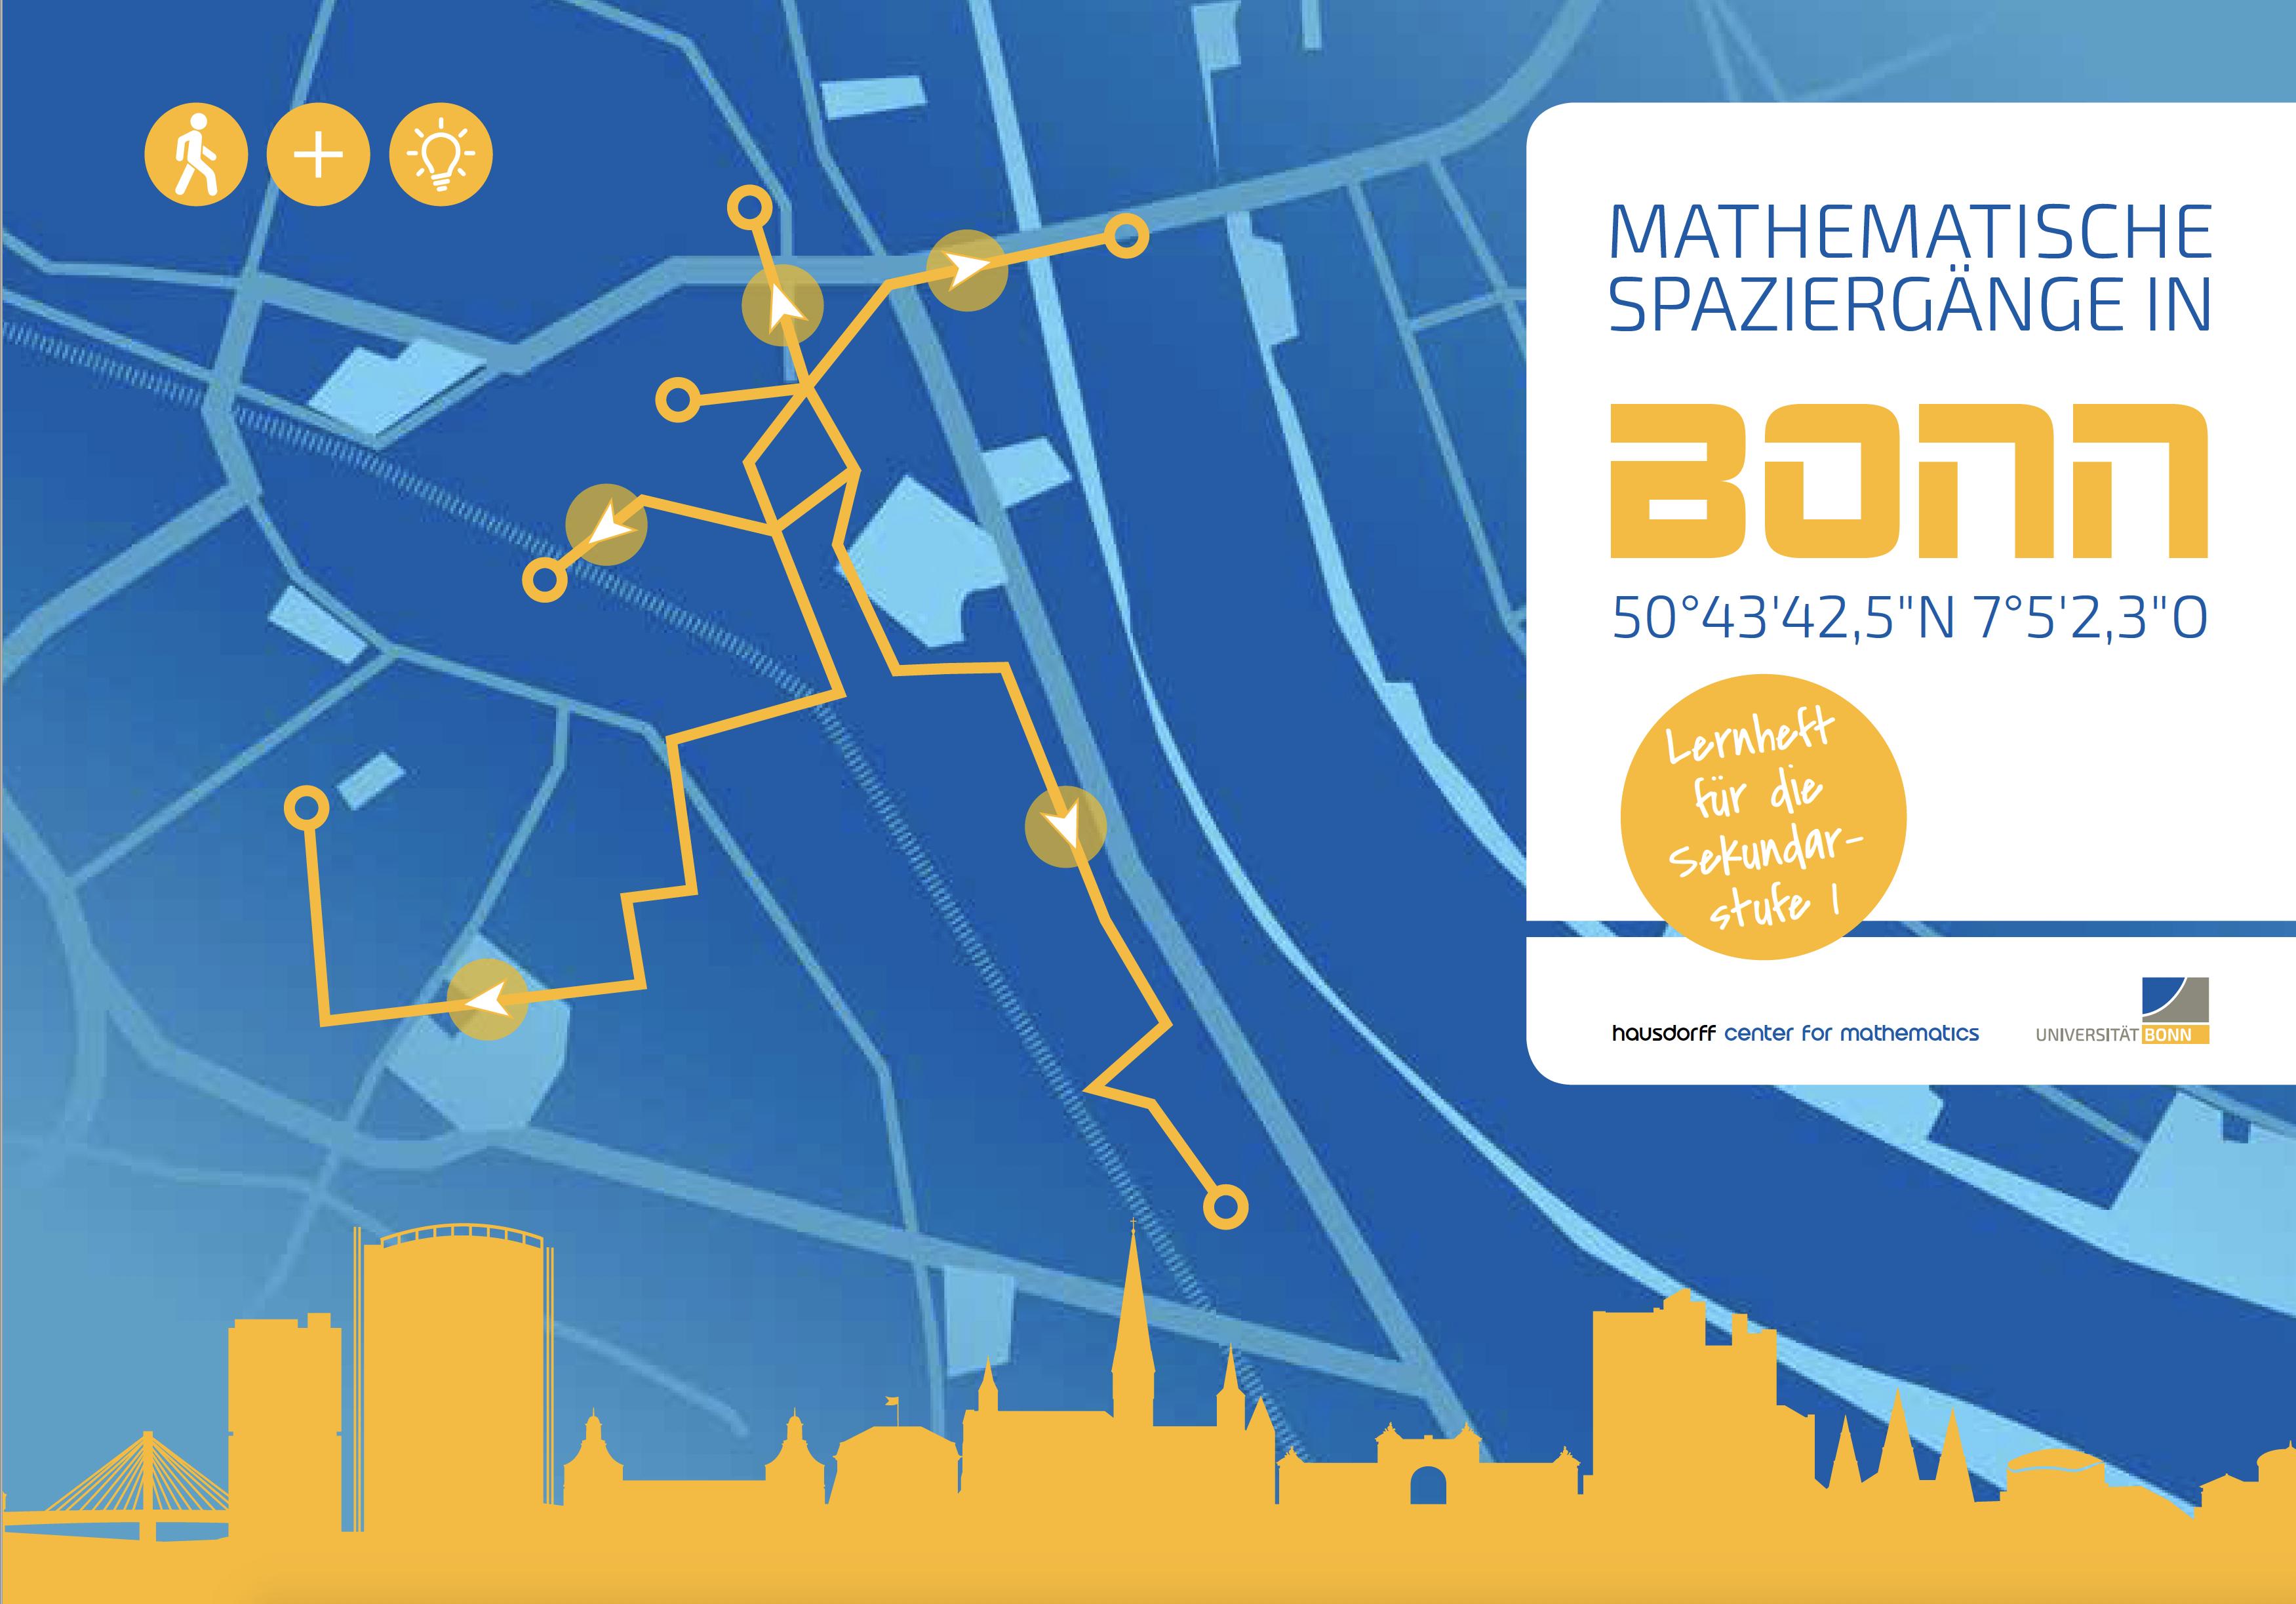 Aus der Schule auf die Straßen: Mathematische Spaziergänge in Bonn